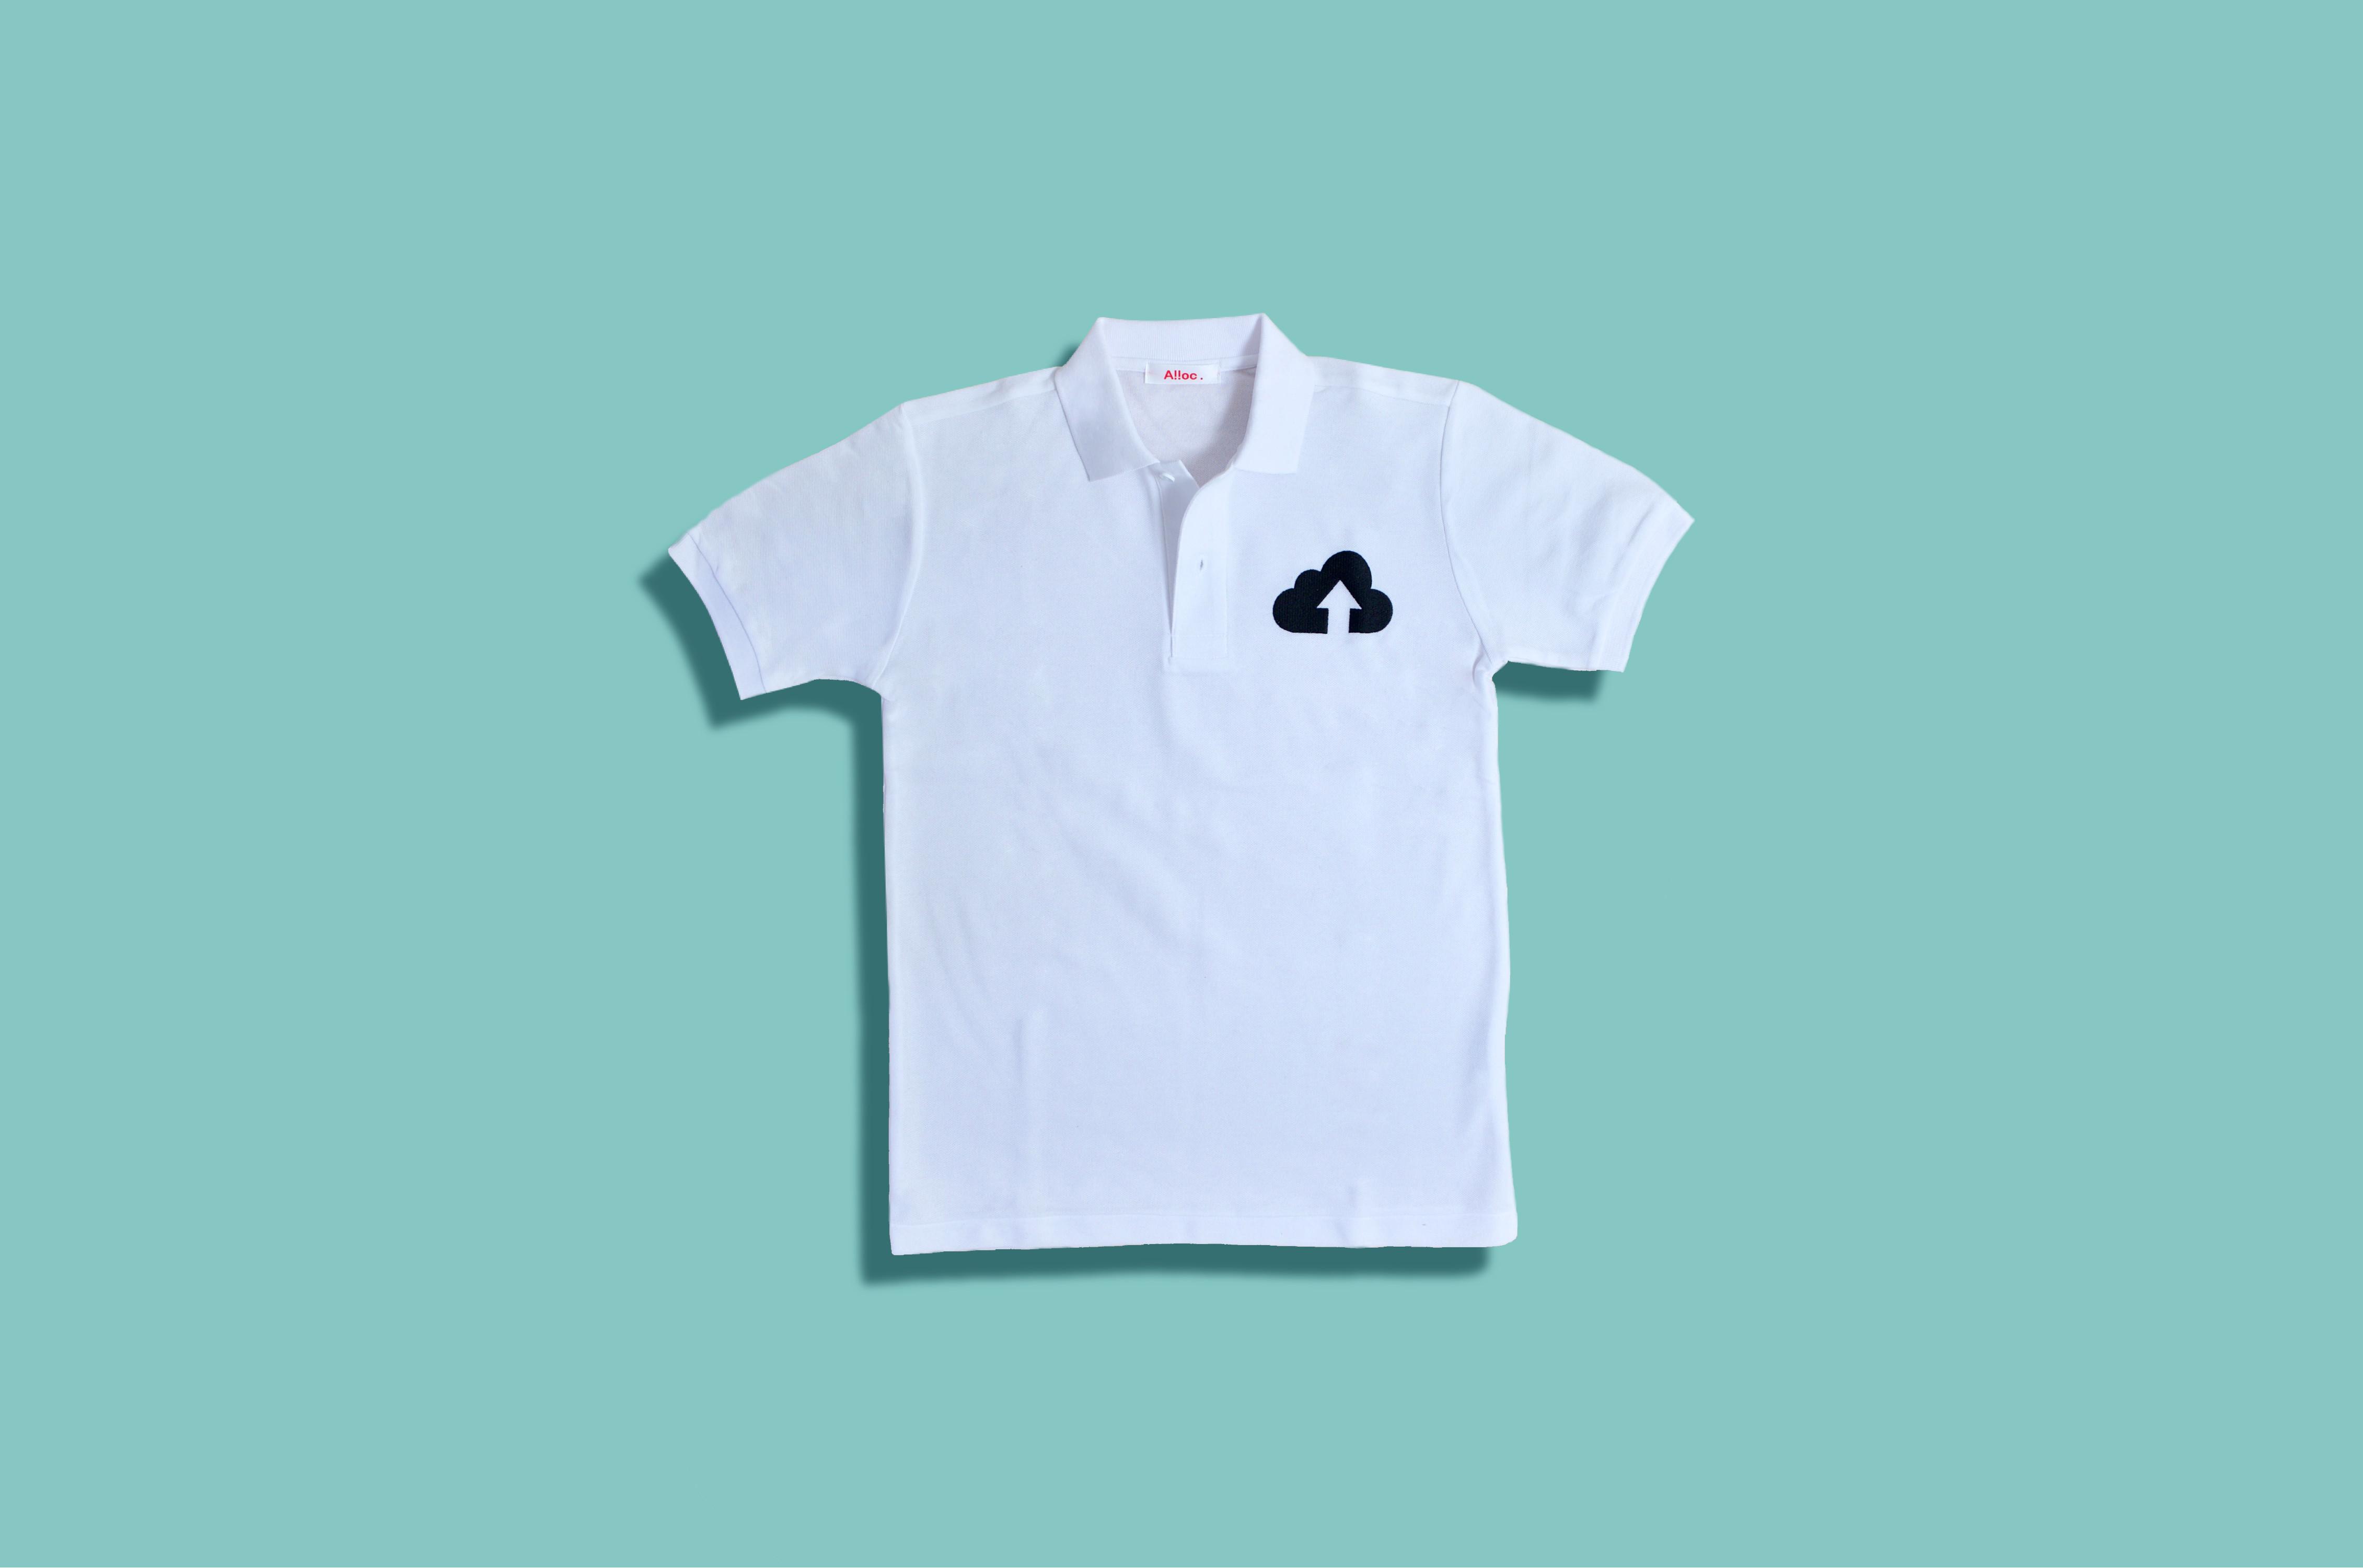 クラウドデザイン刺繍のポロシャツ